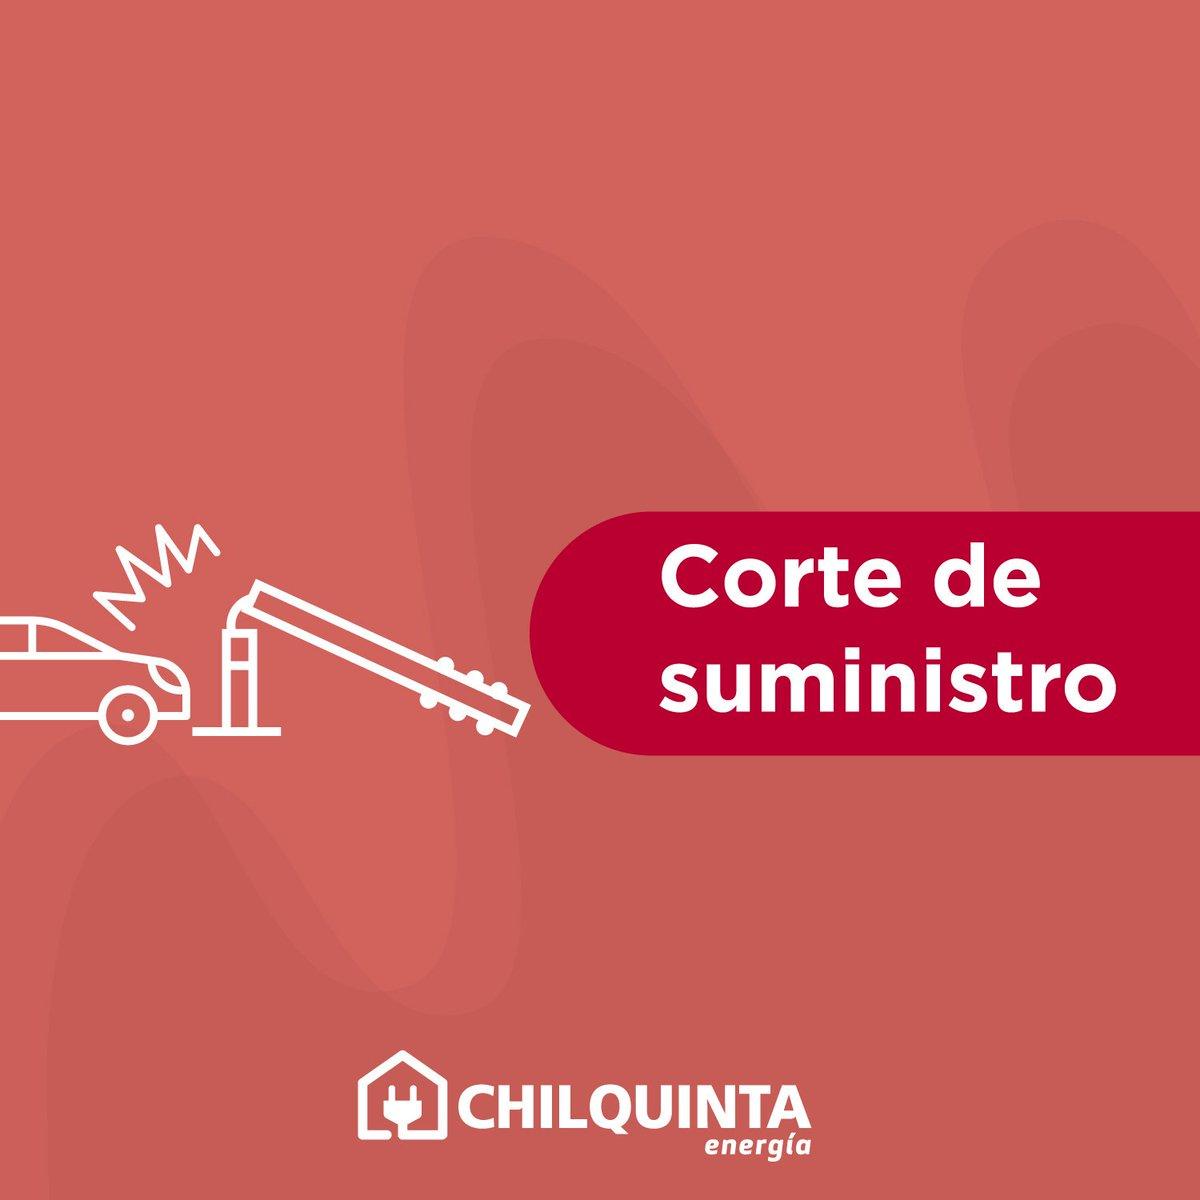 Chilquinta Energía's photo on Corte